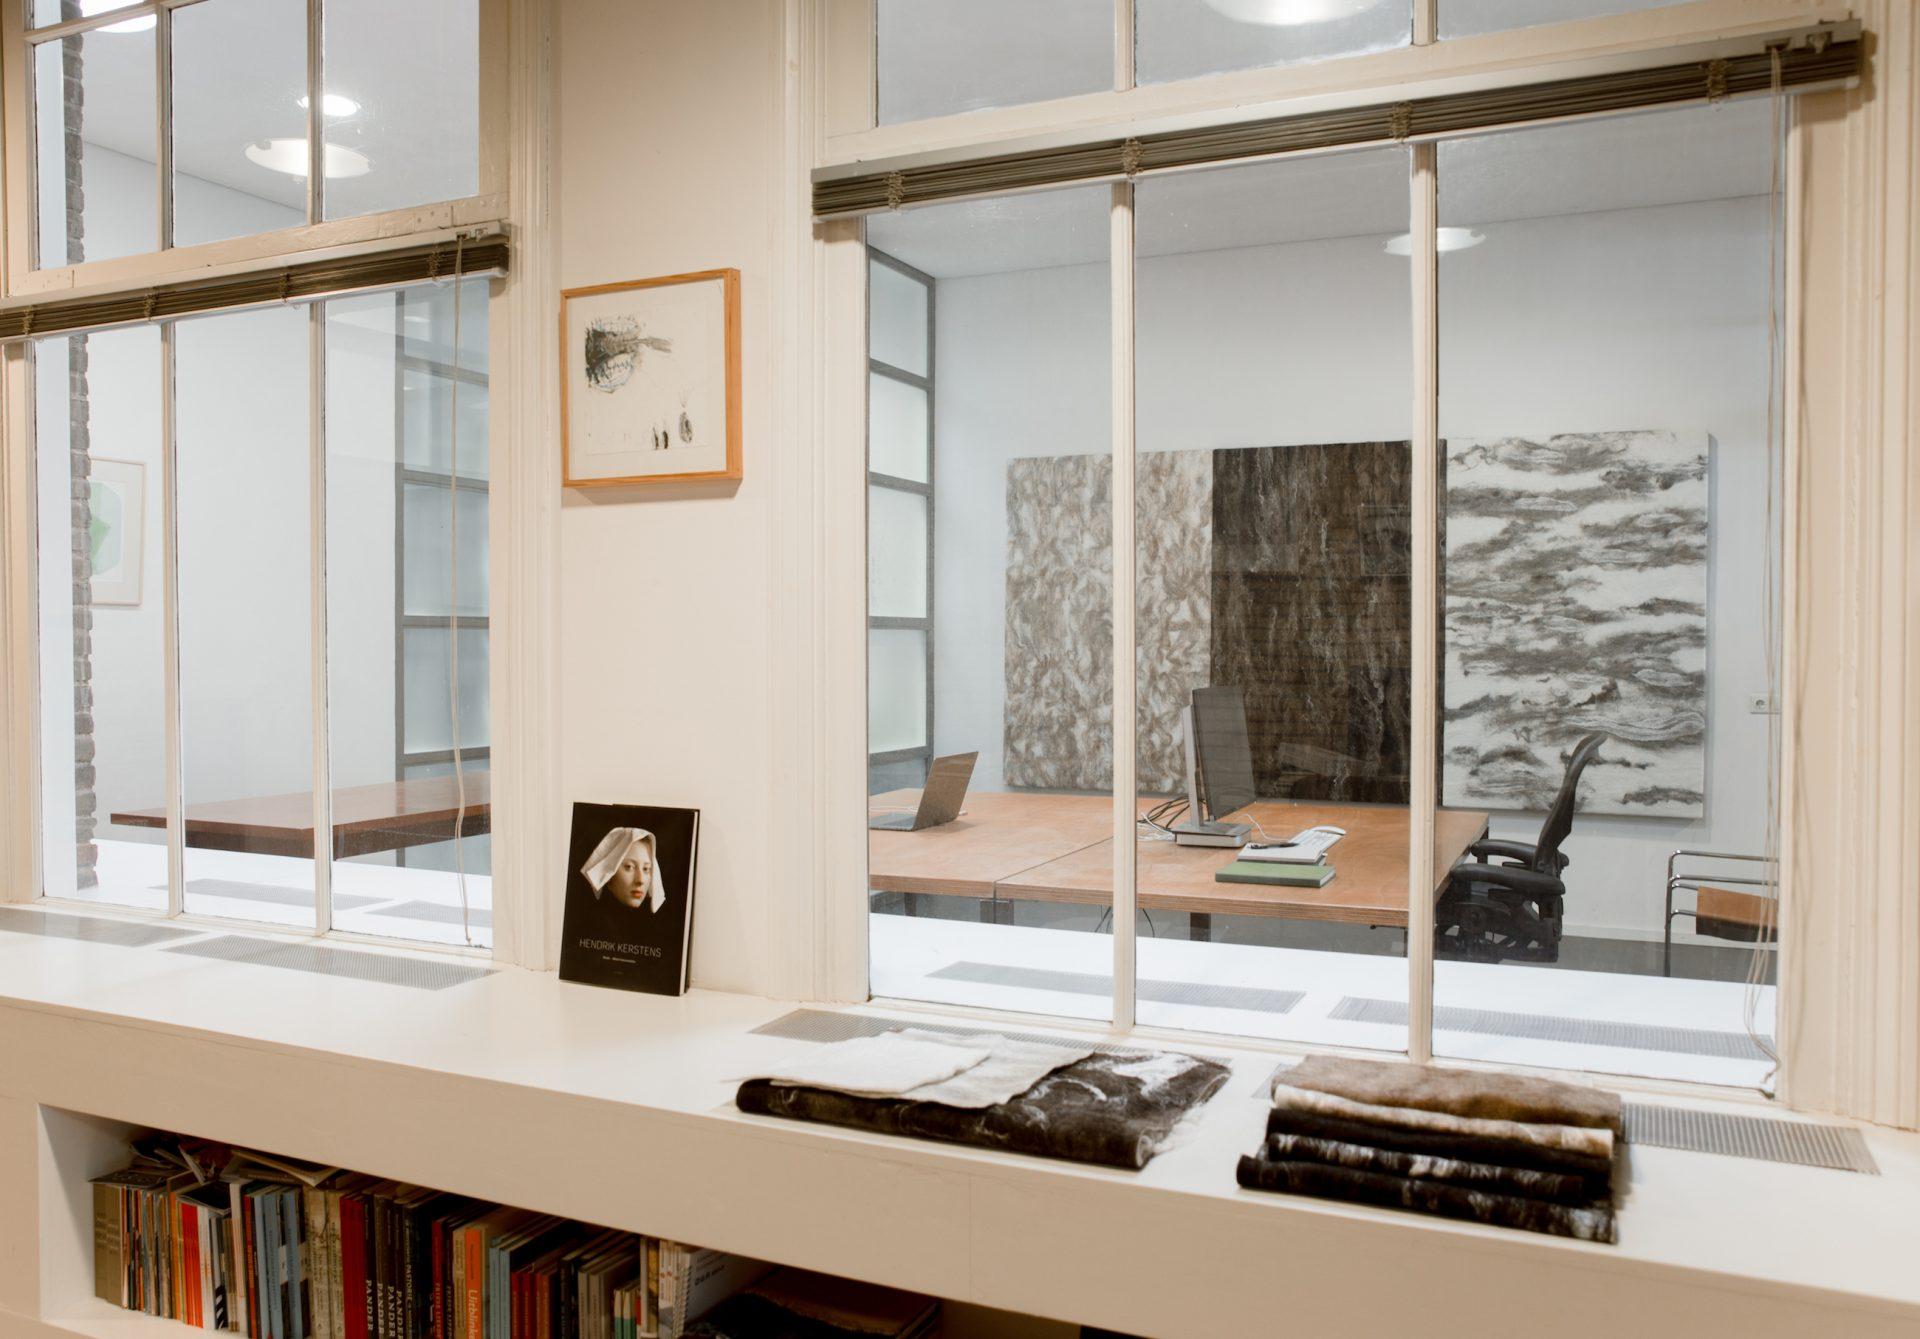 Akoestische panelen zijn zowel thuis als op kantoor goed toe te passen en verbeteren de akoestiek.